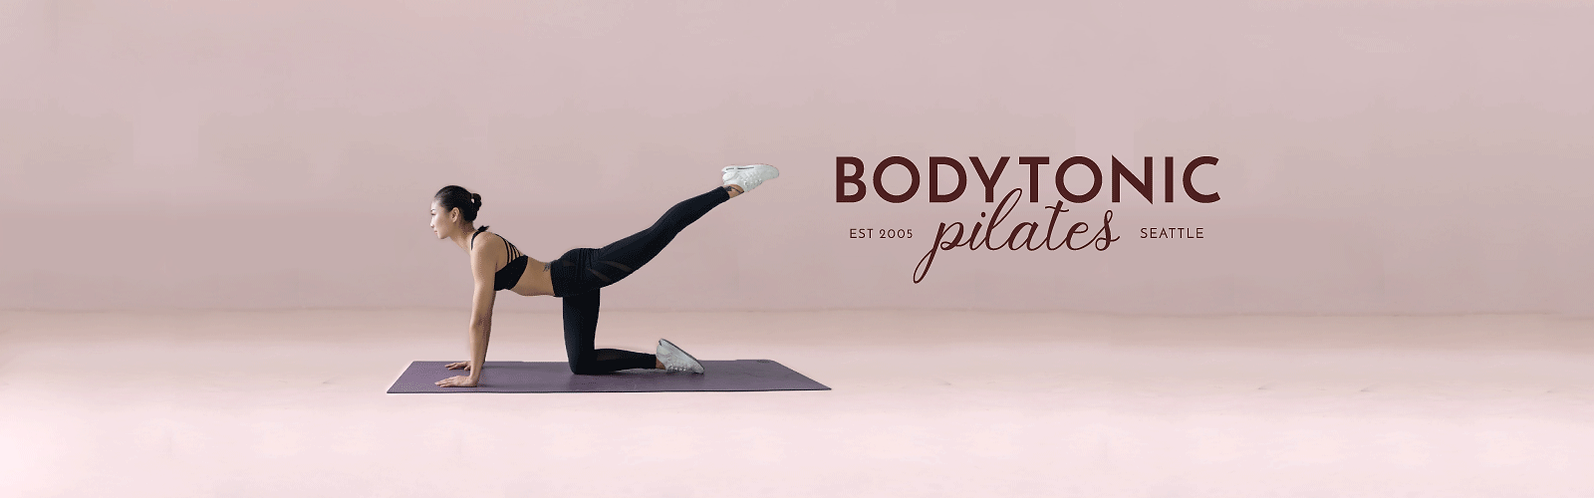 bodytonic pilates brand identity